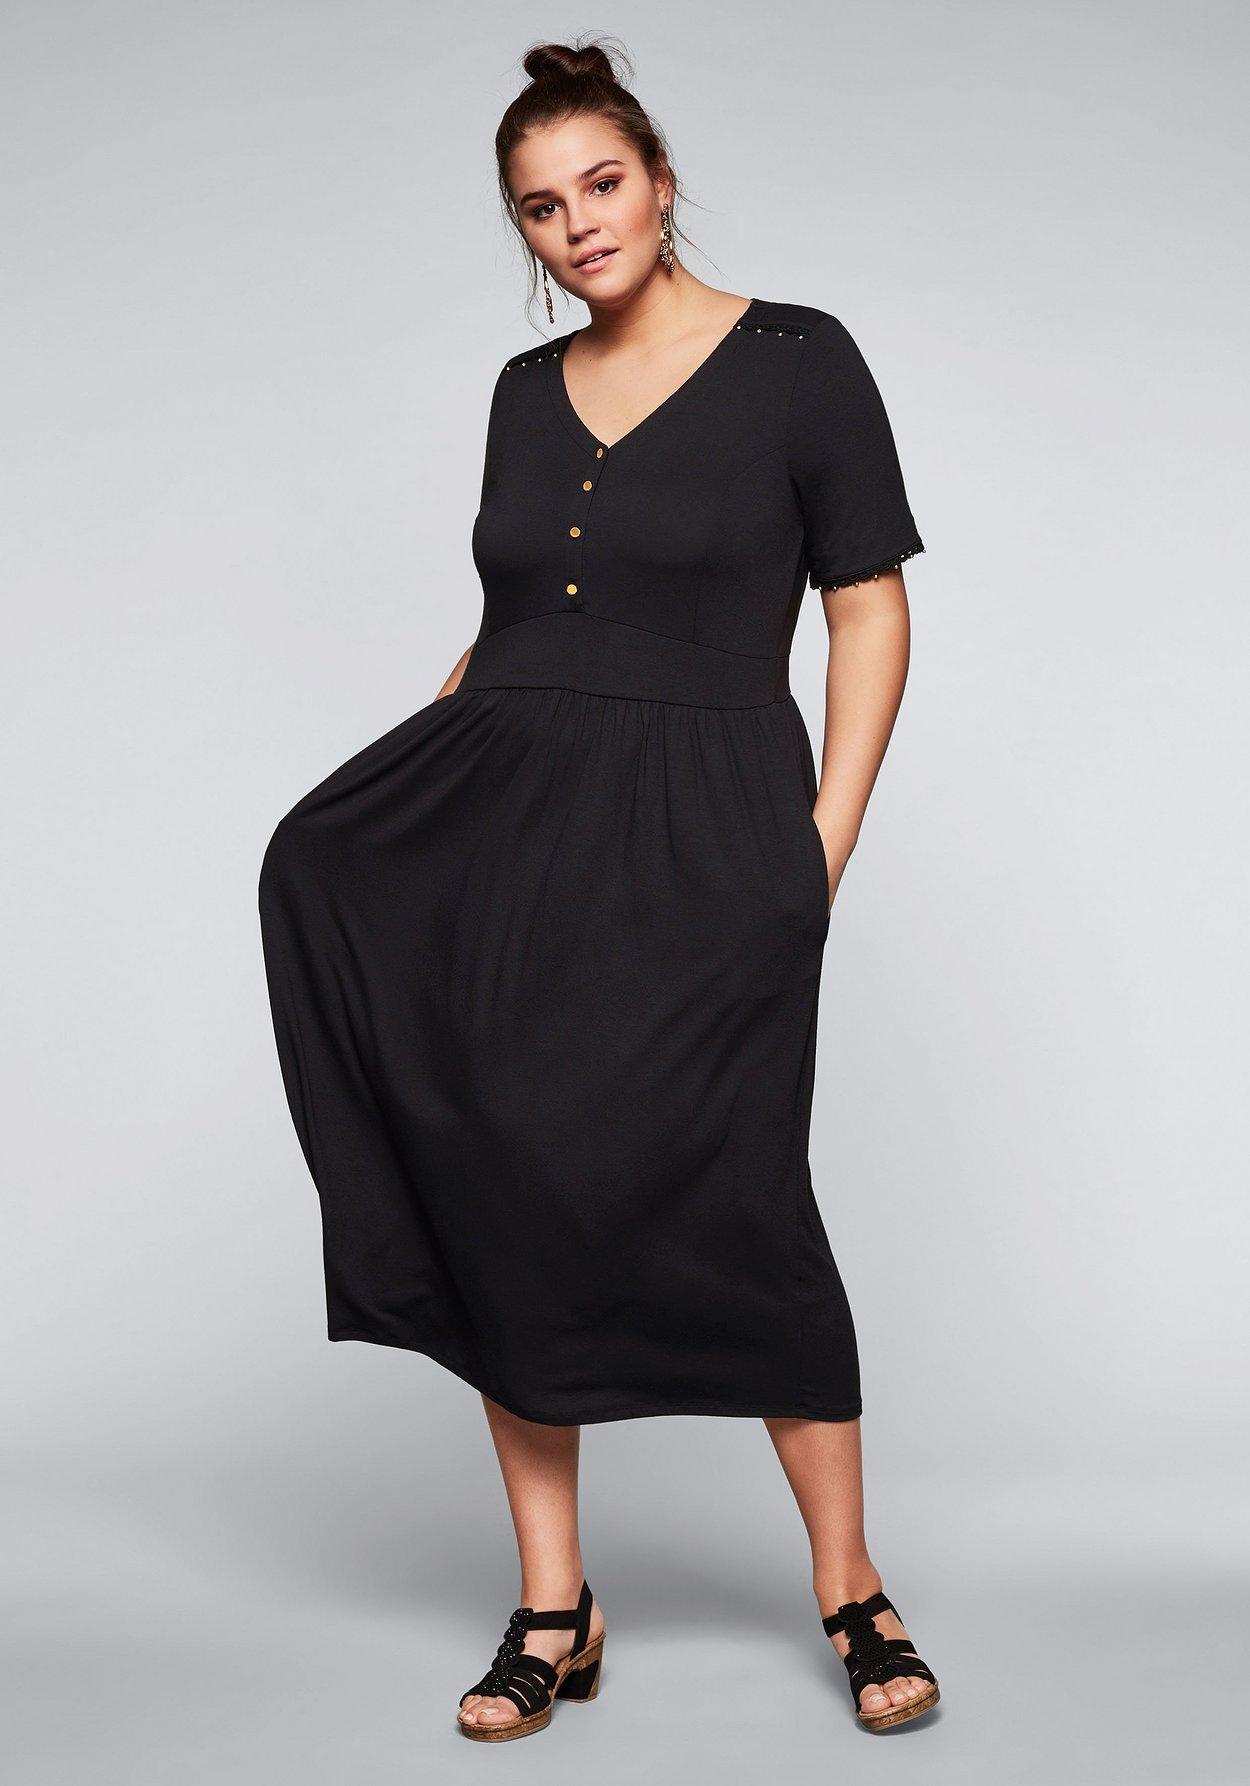 Jerseykleid mit v ausschnitt